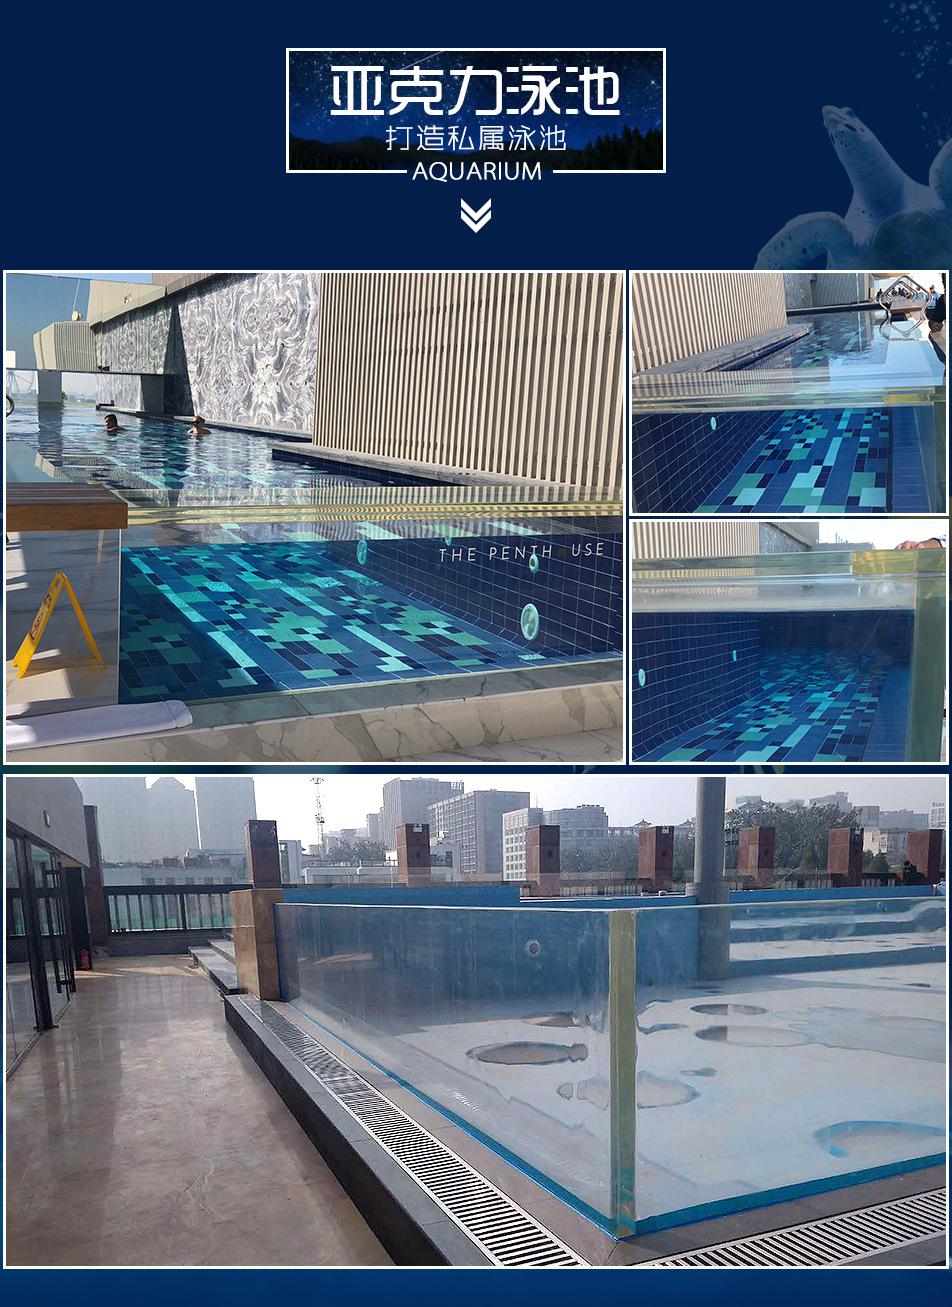 无边际亚克务泳池工程